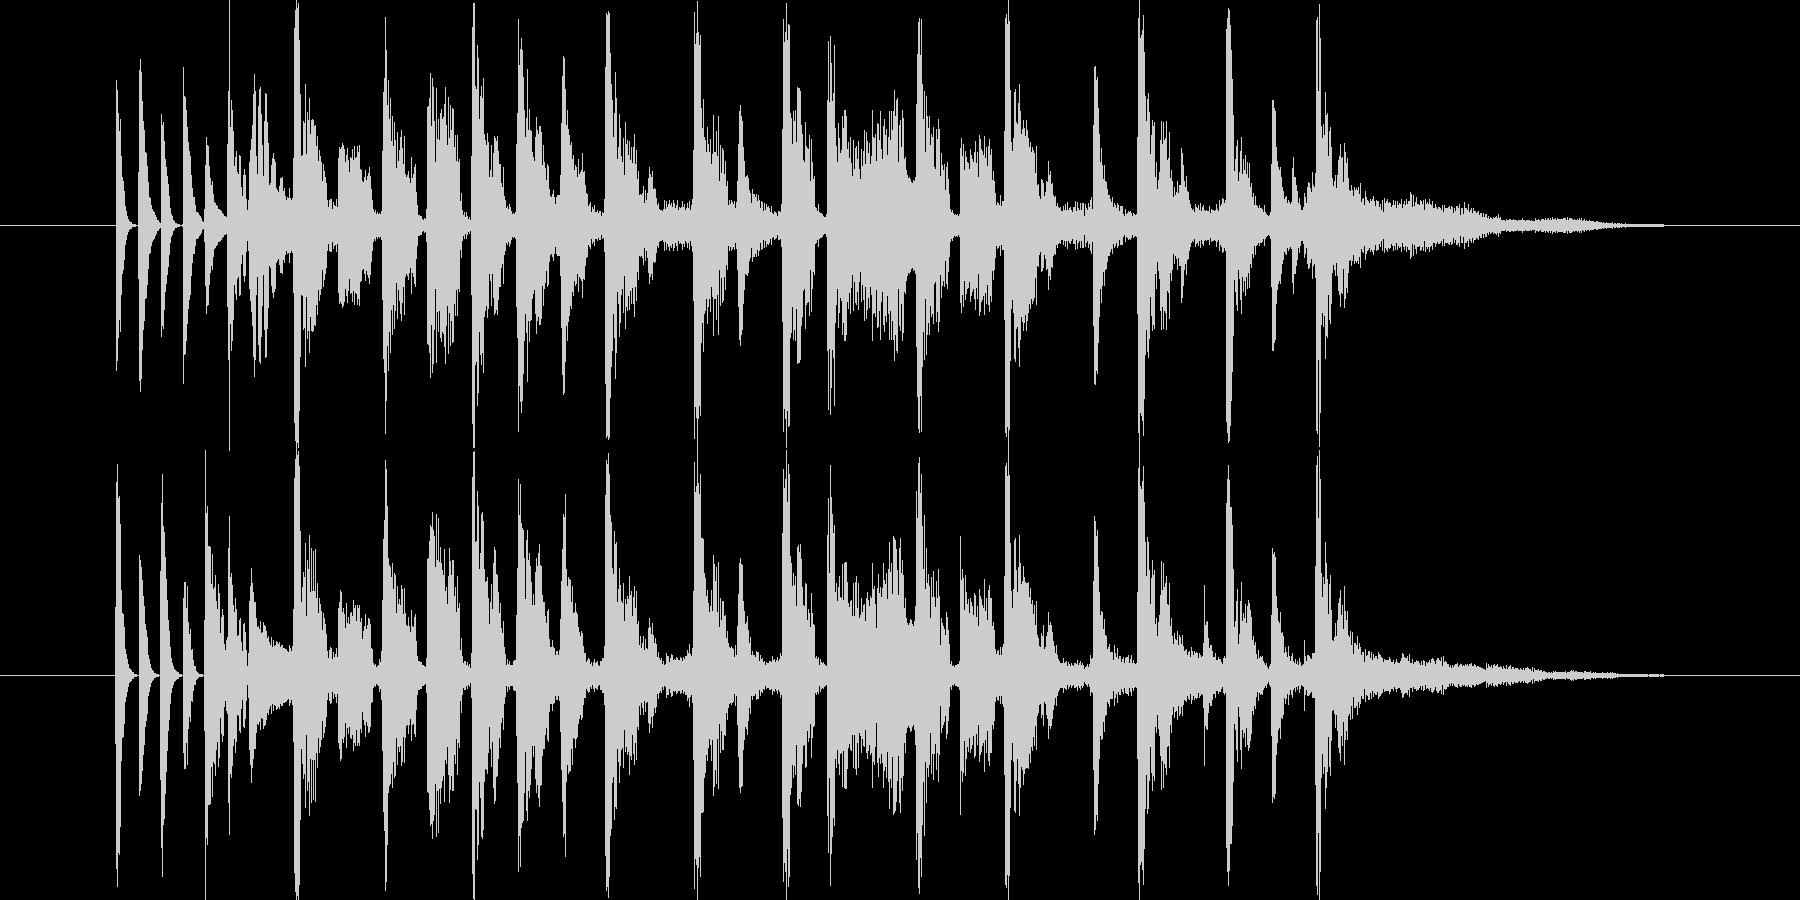 デジタルシンセのテクノポップの未再生の波形